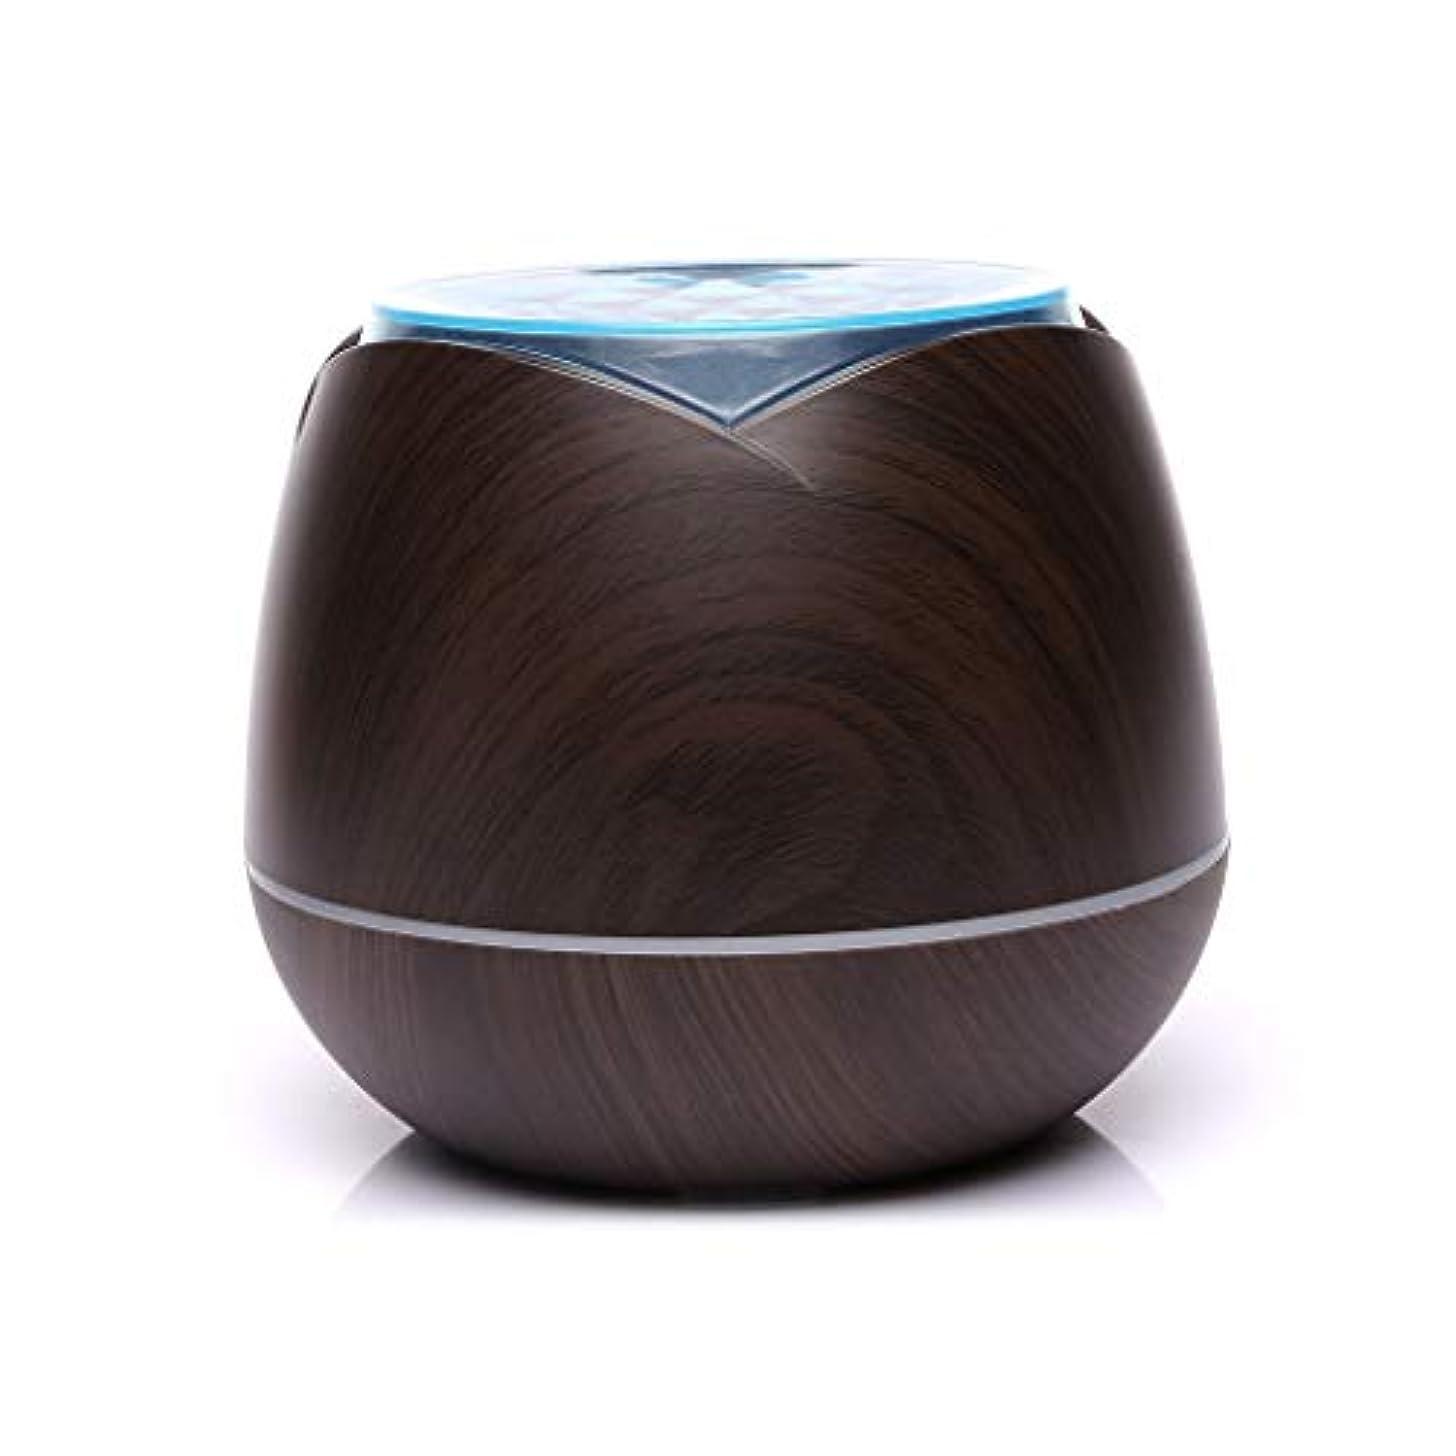 ペレグリネーション炎上流涼しい霧の空気加湿器、家、ヨガ、オフィス、鉱泉、寝室のために変わる色LEDライトと超音波400ml - 木目 - (Color : Dark wood grain)